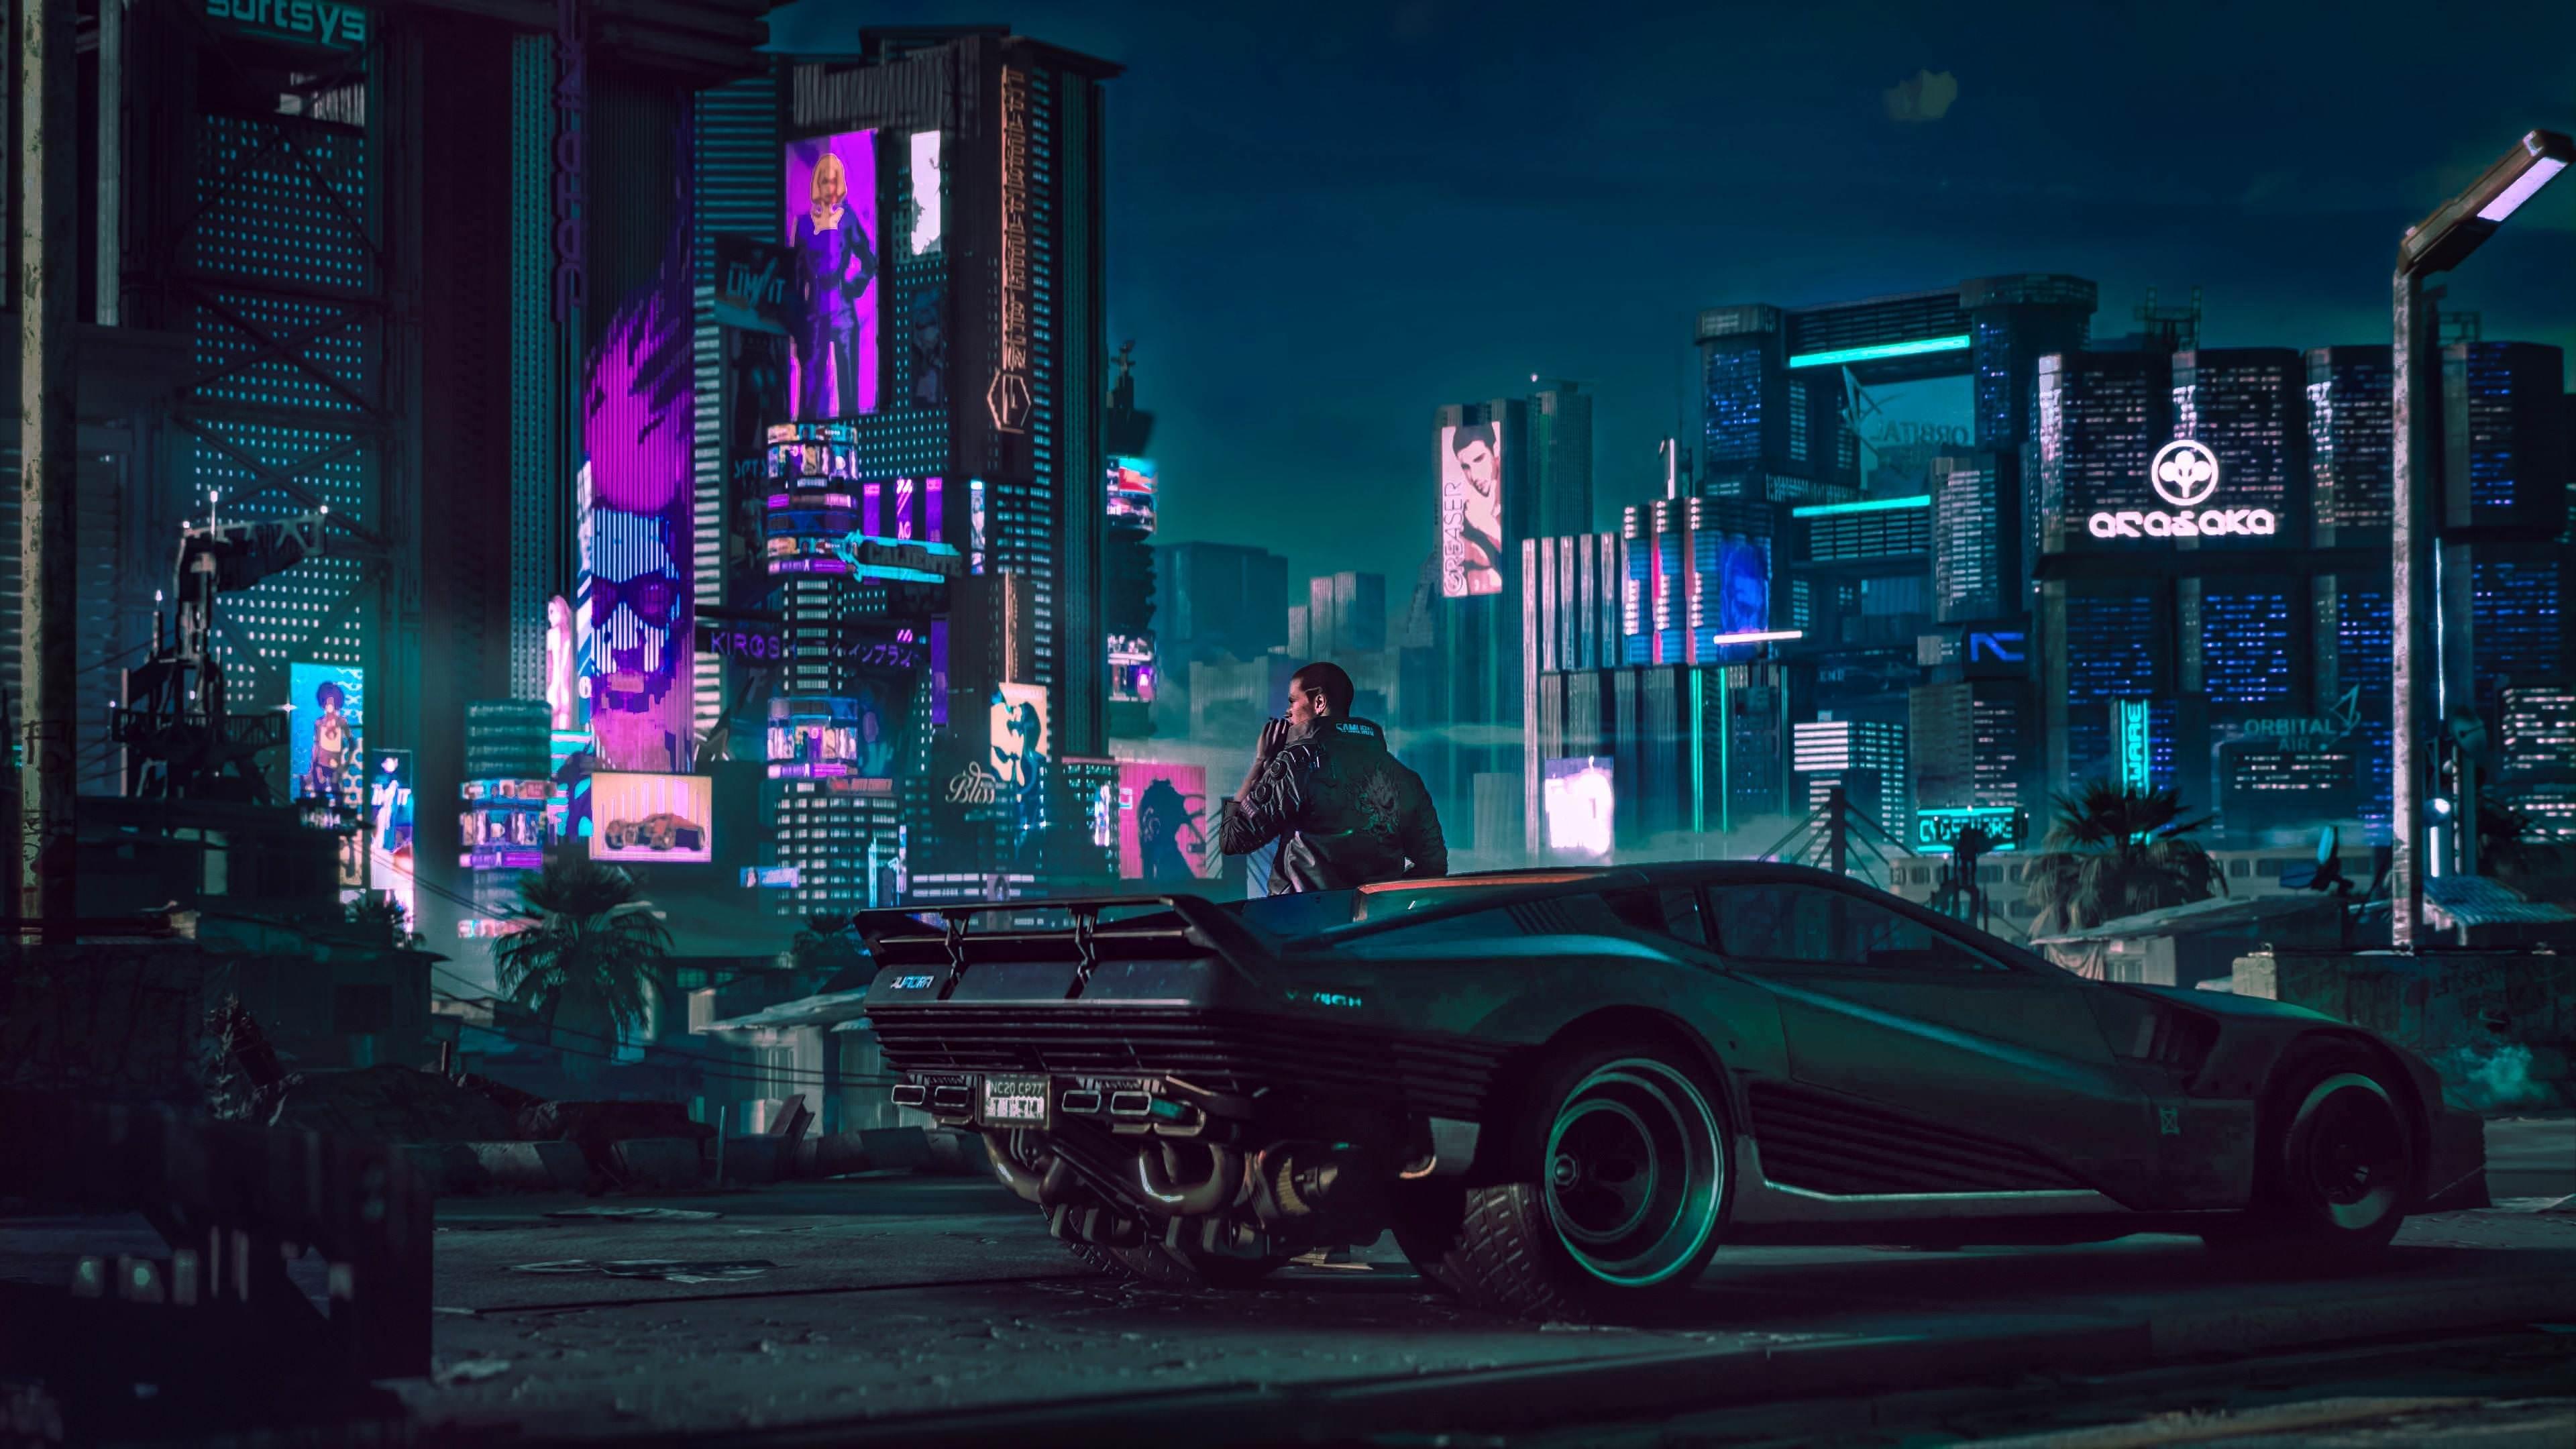 Cyberpunk 2077 City Wallpaper: Cyberpunk Desktop Wallpapers